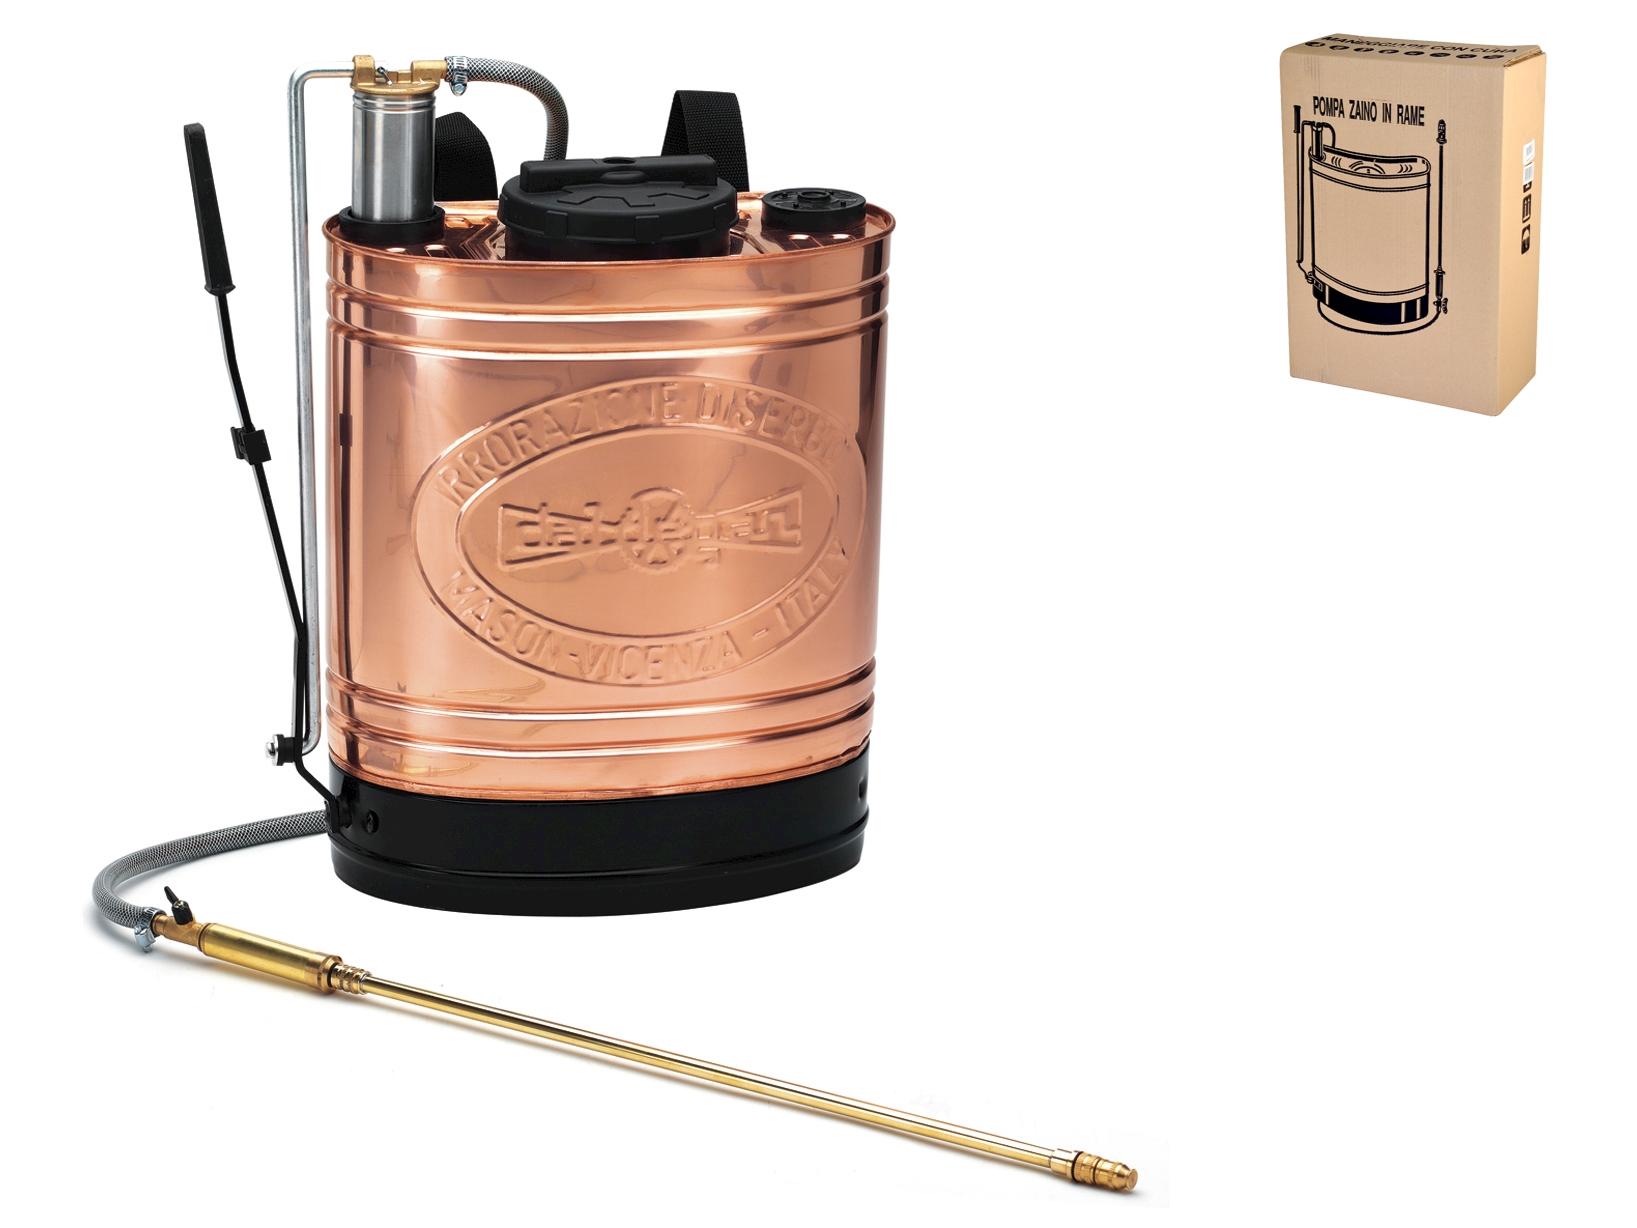 Pompa A Spalla Primav Rame 16 C/lanc